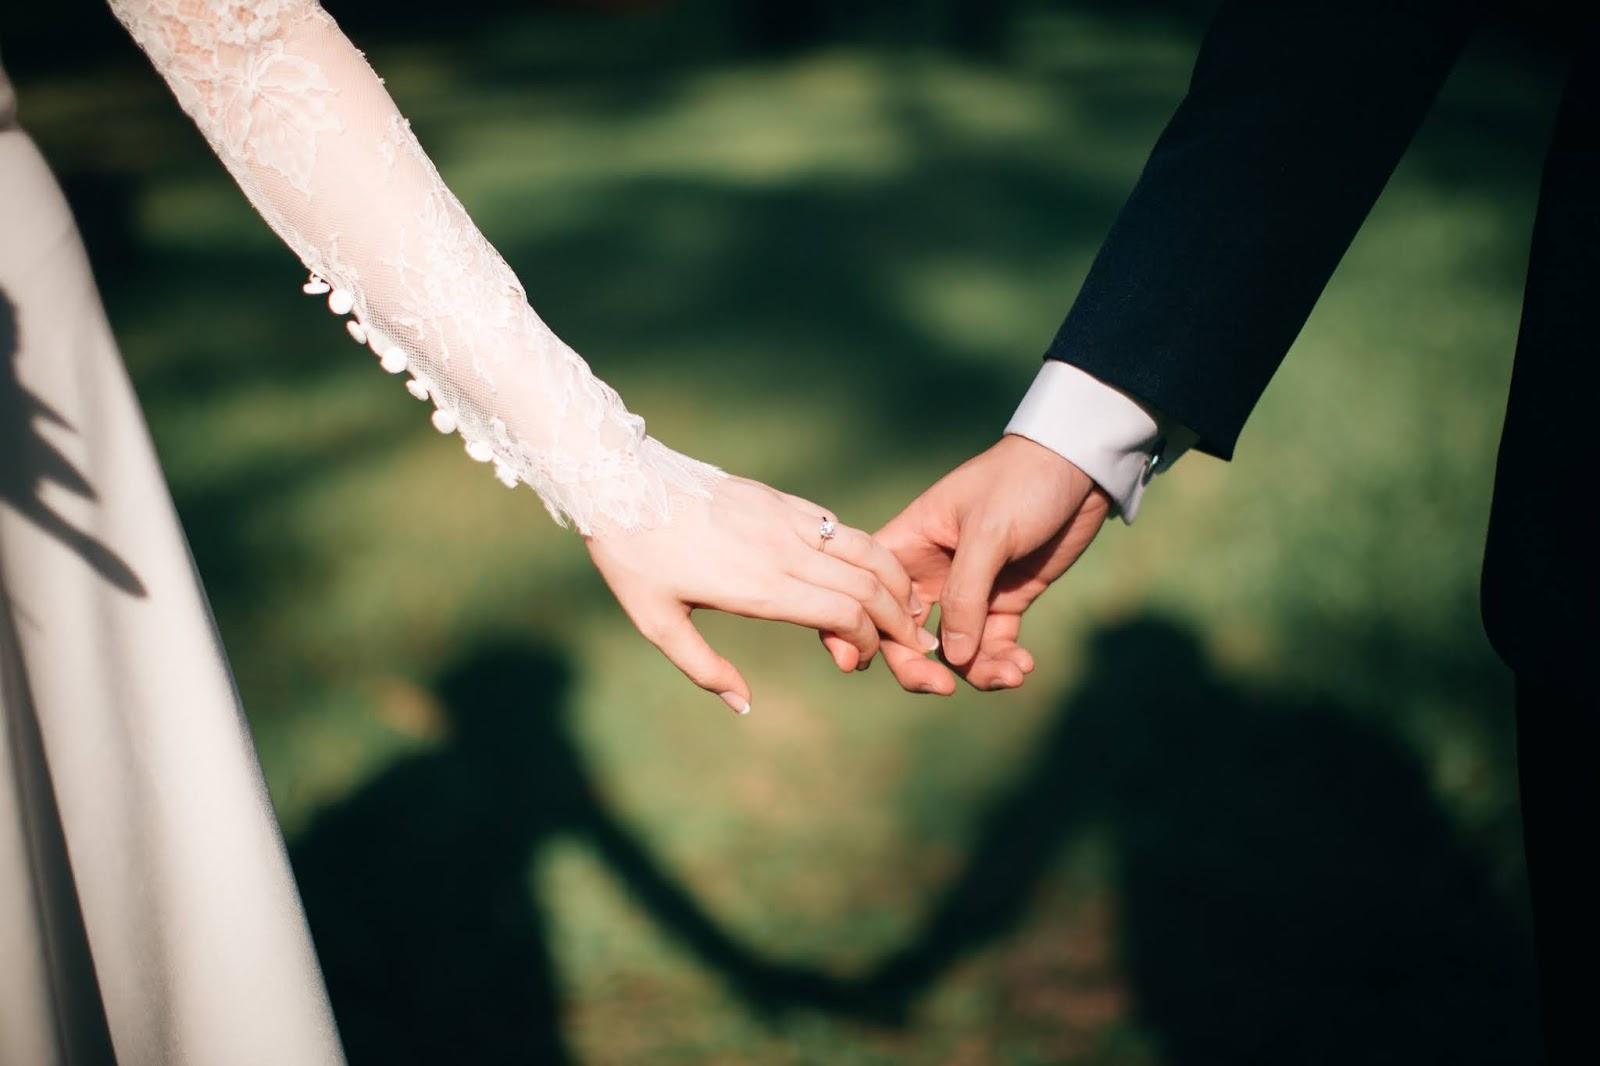 Κορονοϊός: Στο κόκκινο η Θράκη λόγω γάμων – 12 κρούσματα στην Ξάνθη τον Αύγουστο